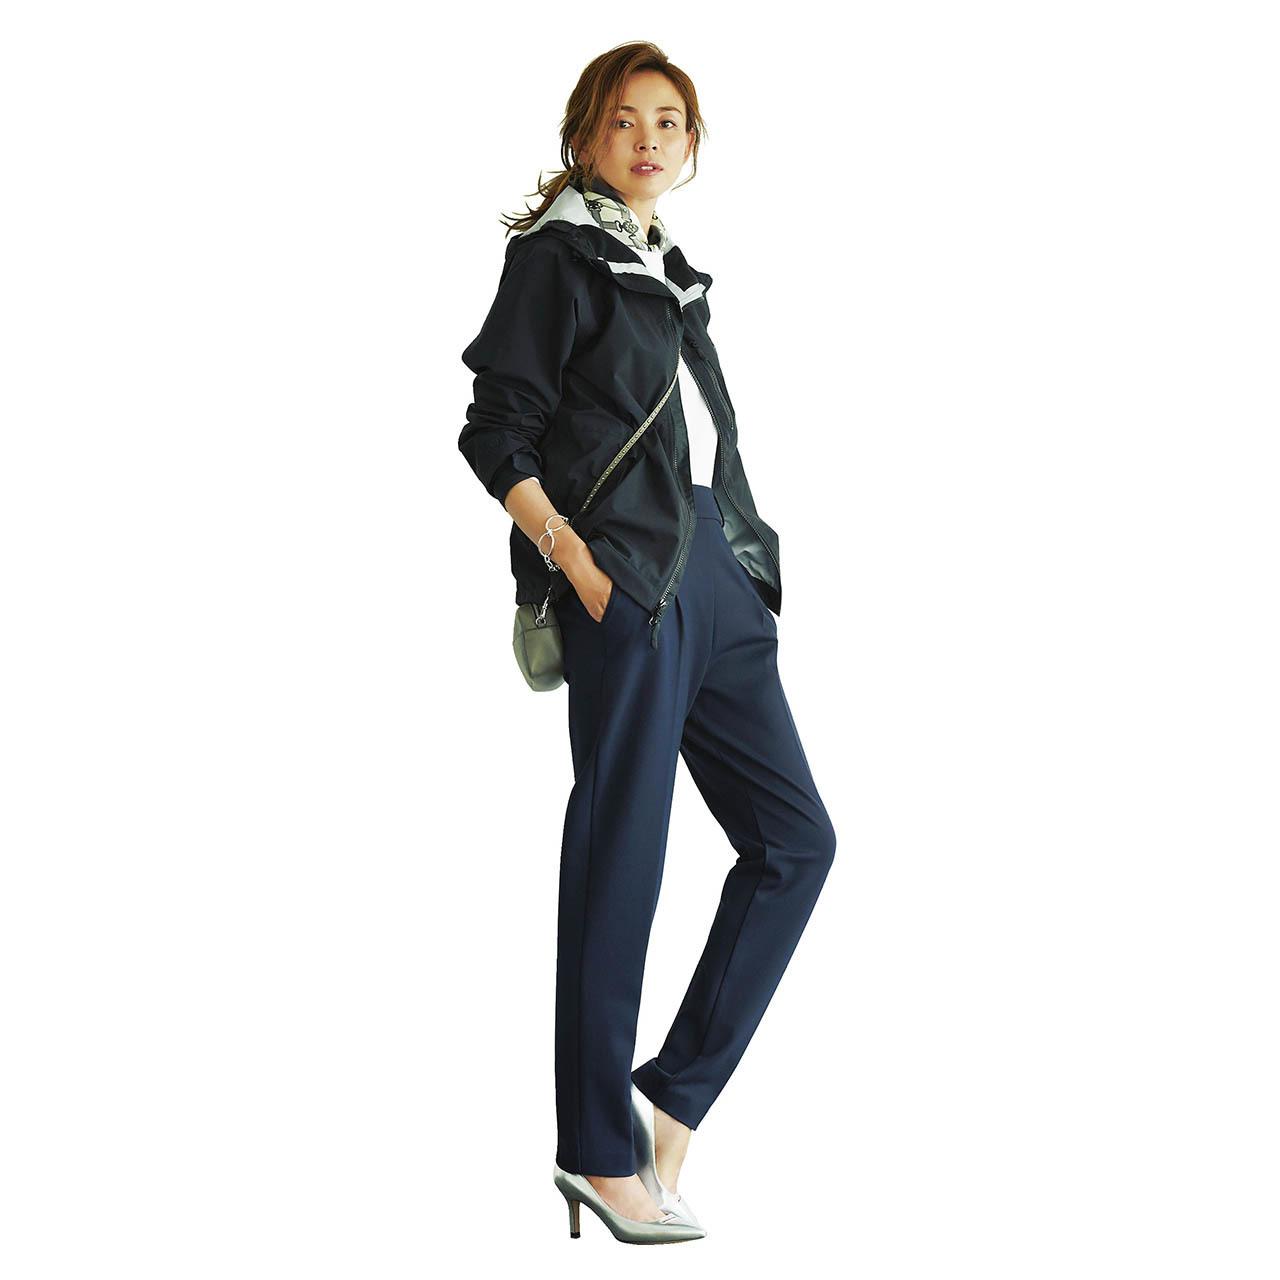 ジャケット×ストレッチ入りシガレットパンツのファッションコーデ